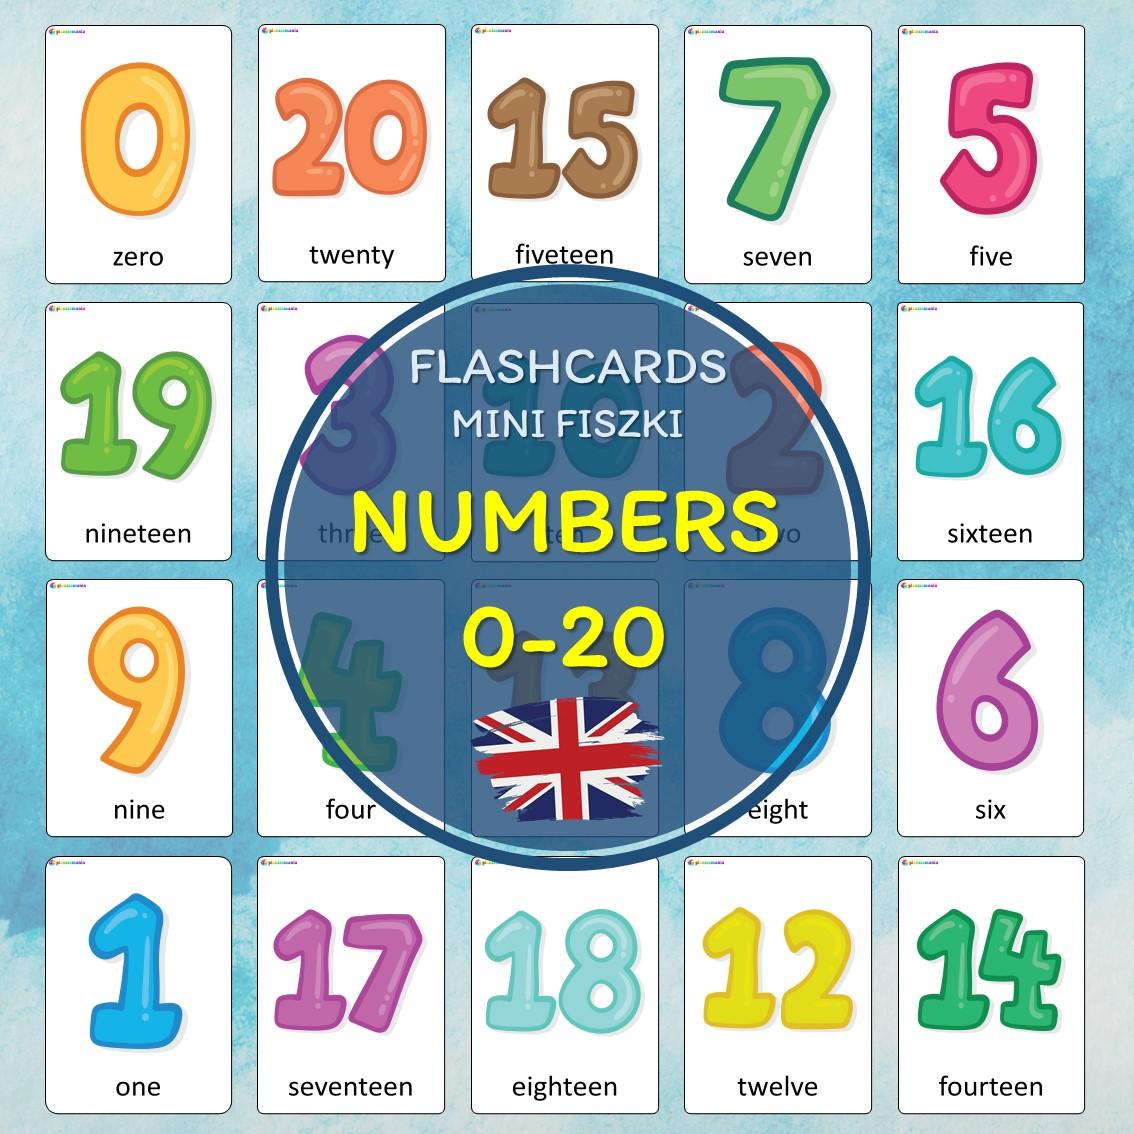 numbers flashcards język angielski english version fiszki do nauki słówek pdf do druku